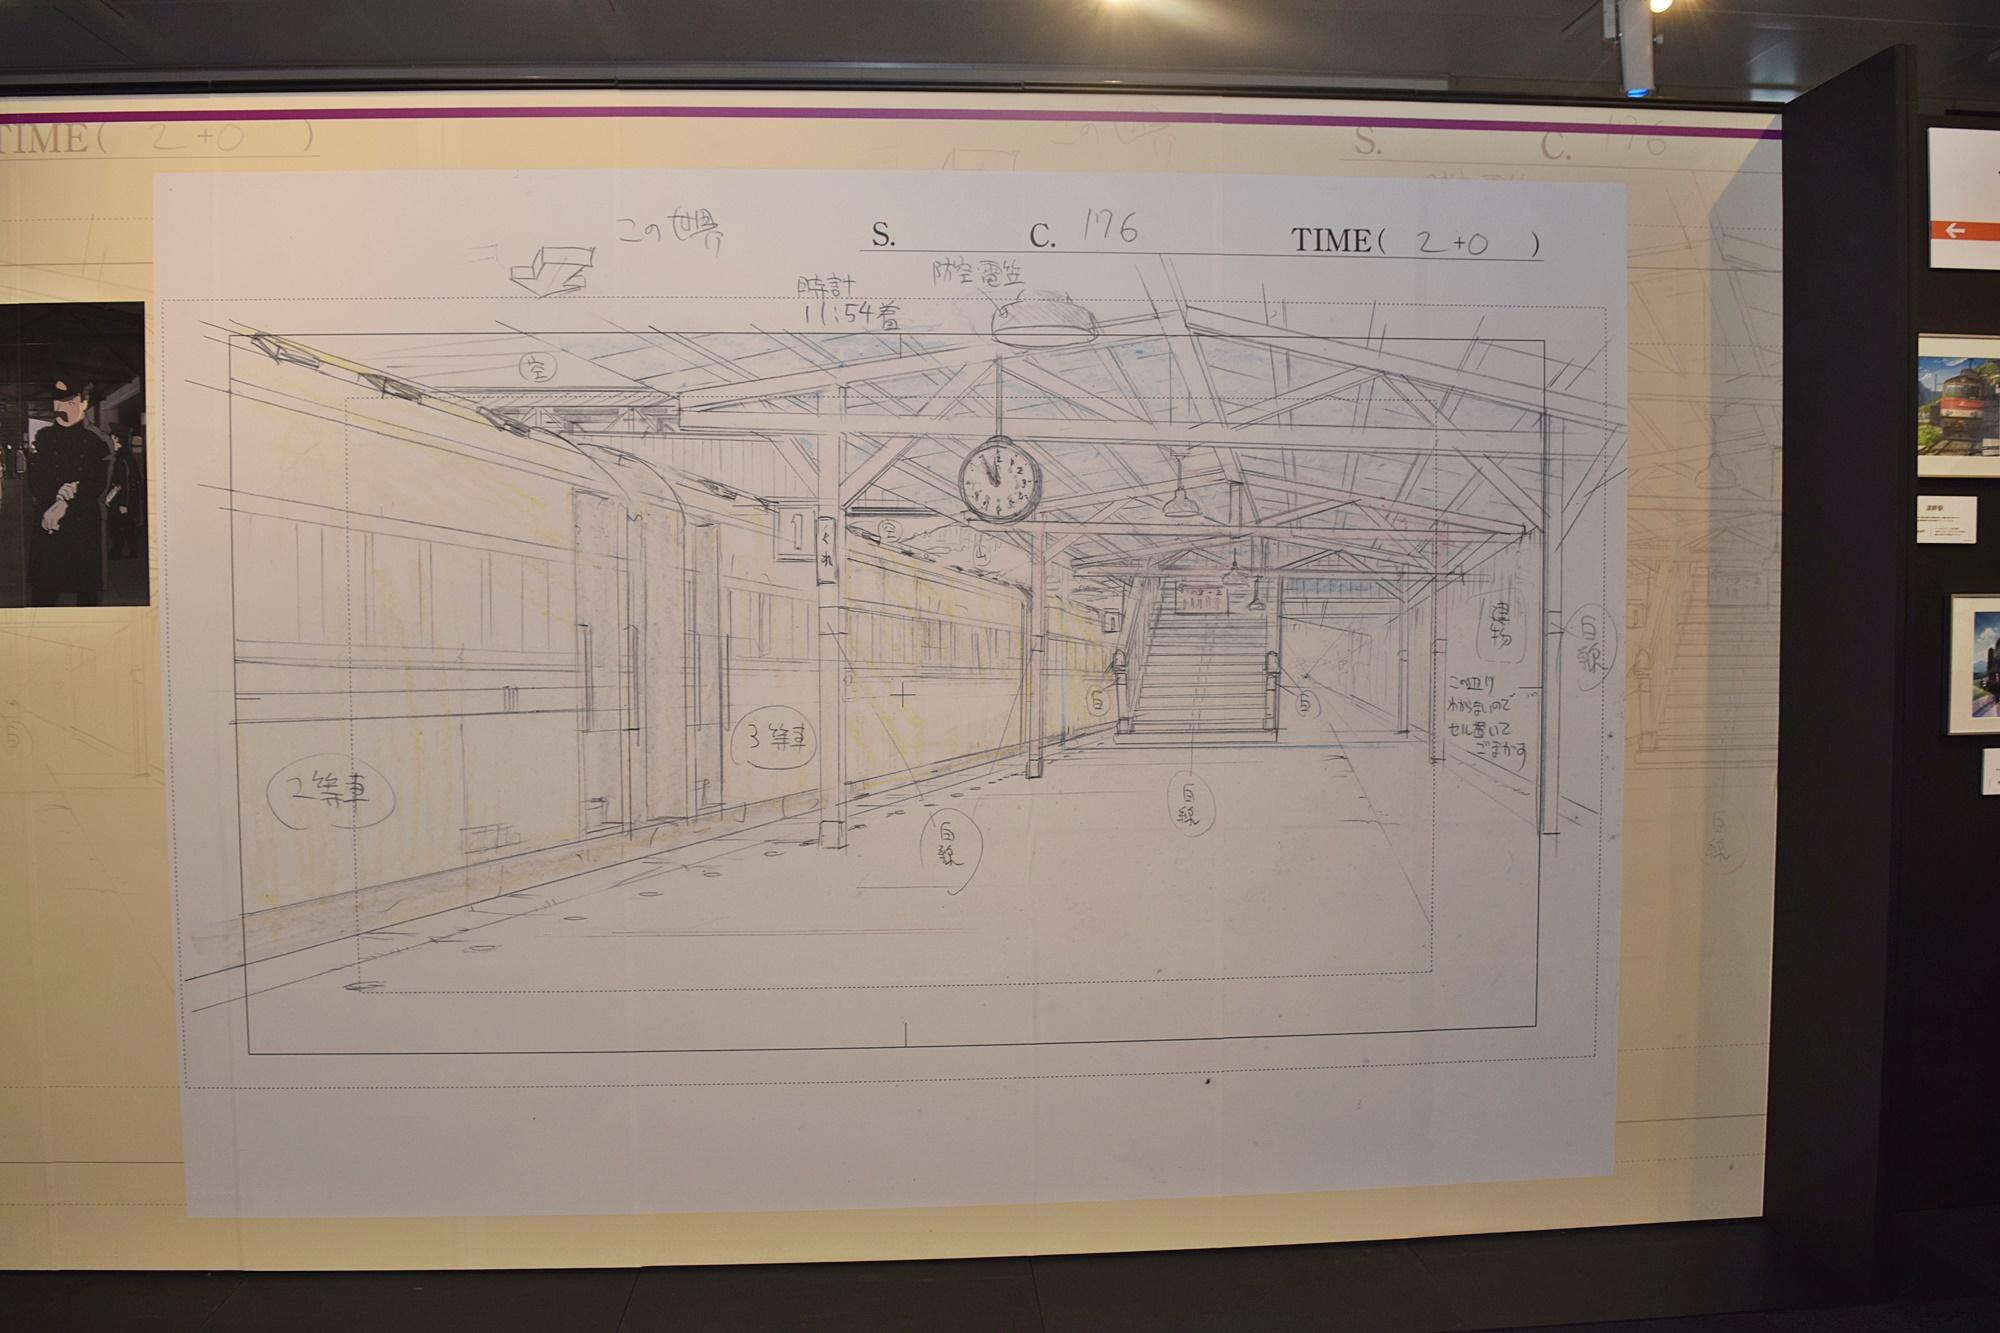 「アニメと鉄道展」を鉄道BIG4が大絶賛! 『ラブライブ!サンシャイン!!』、『この世界の片隅に』、『機動警察パトレイバー』、『ISLAND』などが展示-22